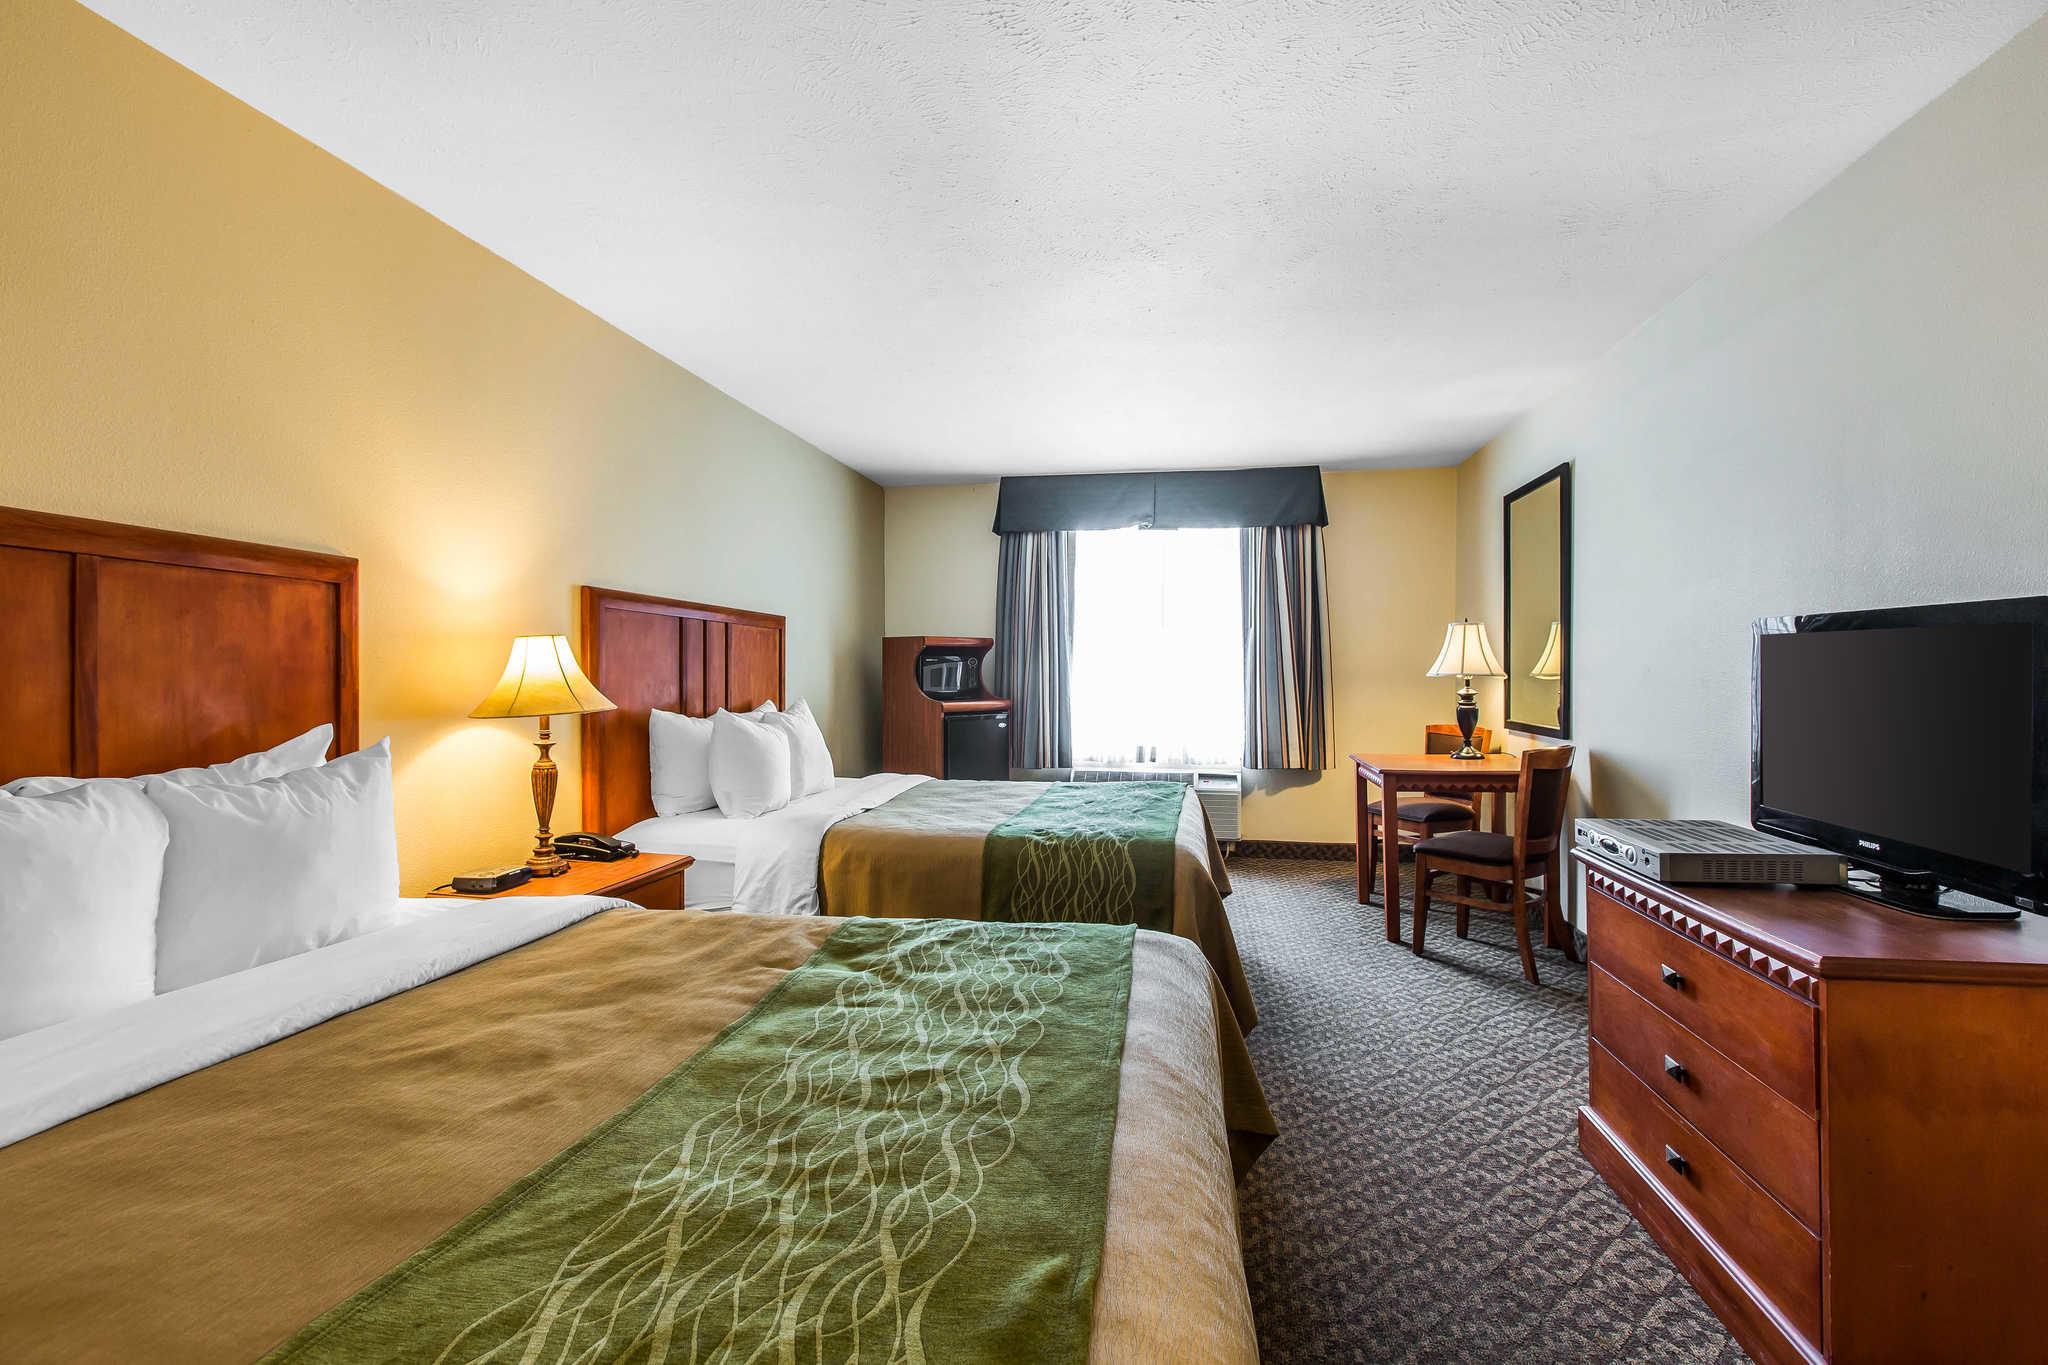 Comfort Inn & Suites El Centro I-8 image 10